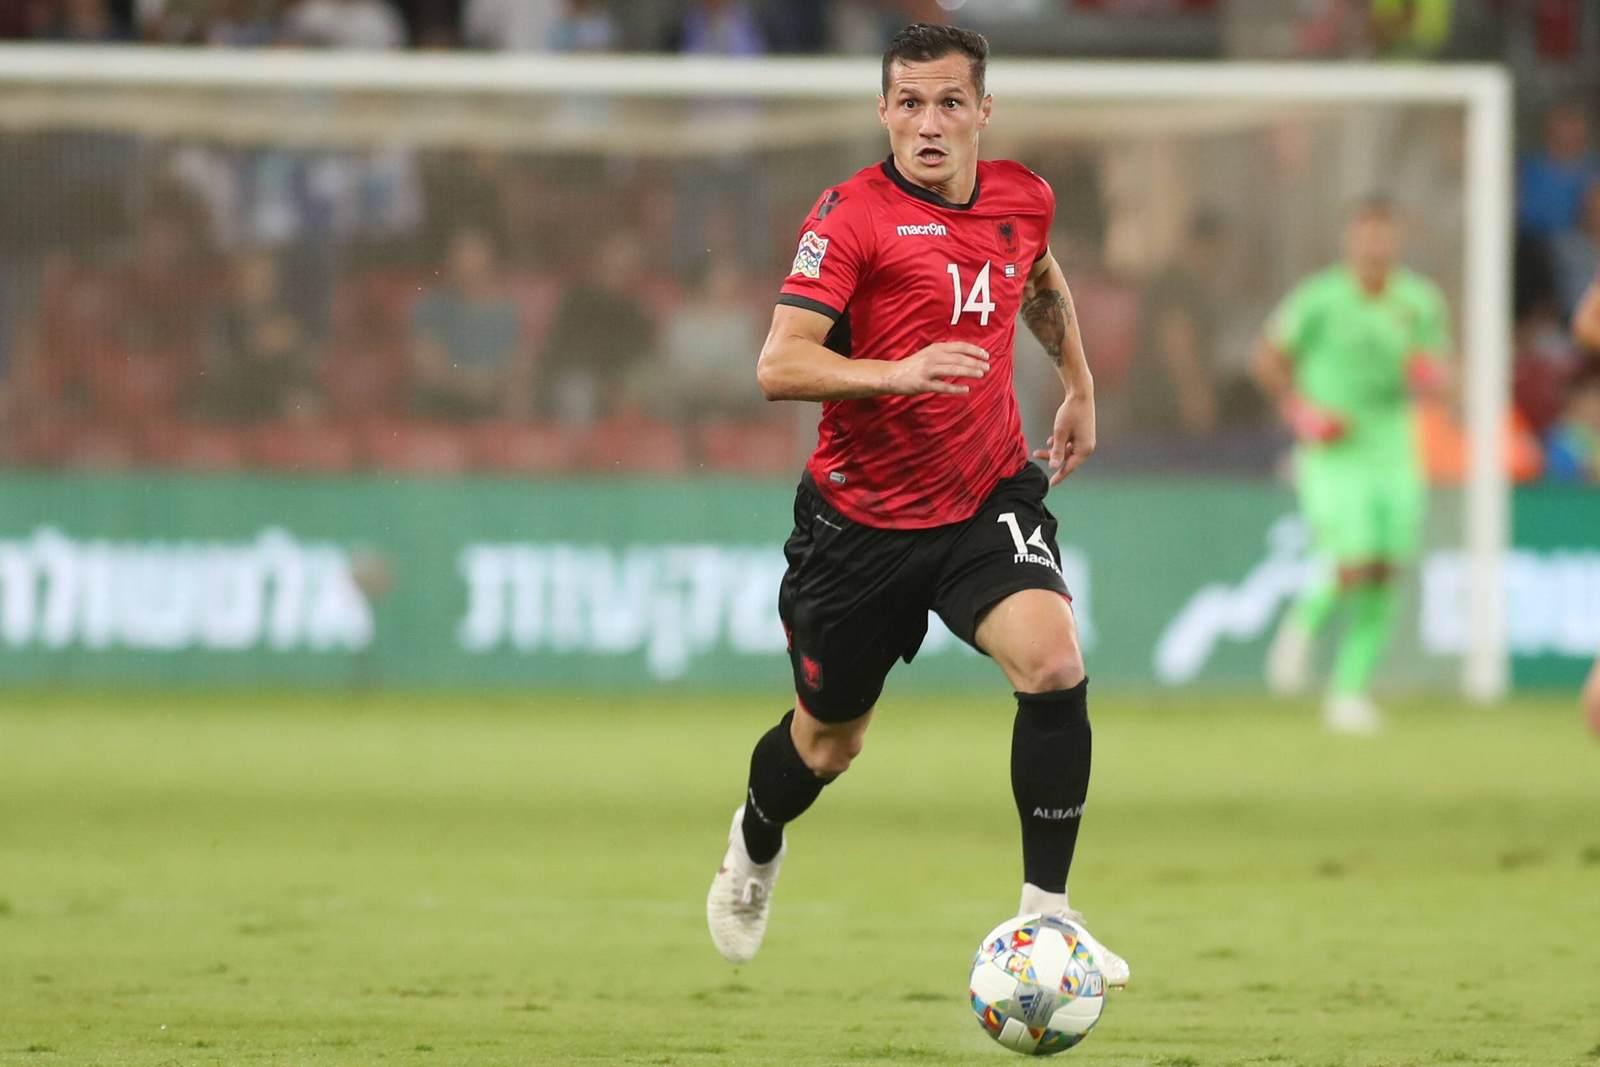 Taulant Xhaka am Ball für Albanien. Jetzt auf Island gegen Albanien wetten